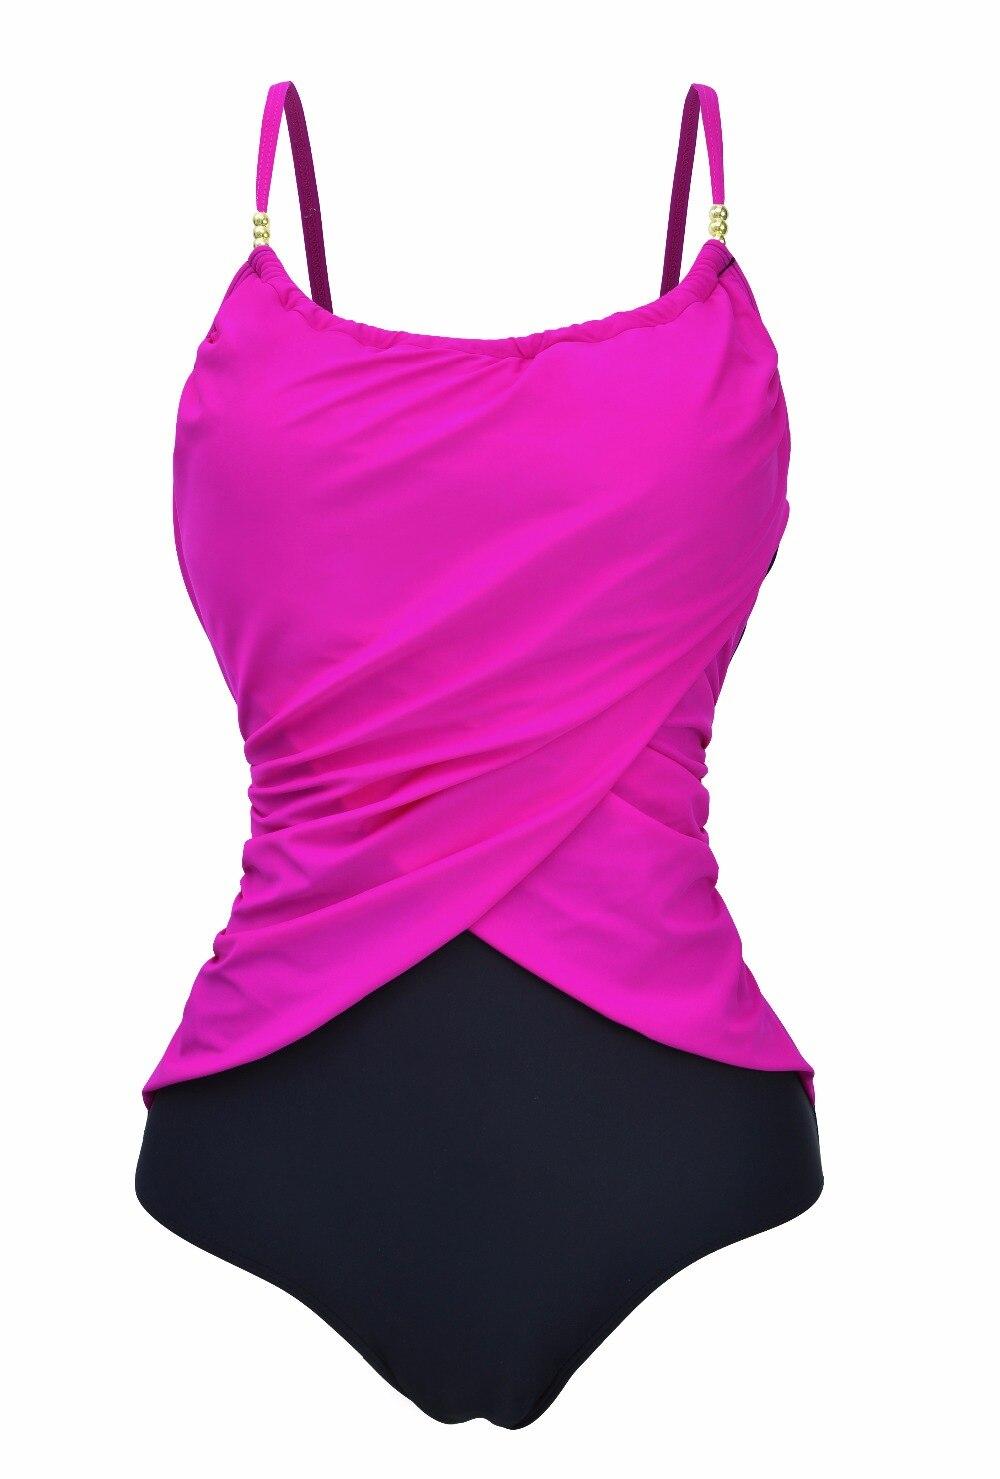 Gratë e rrobave të banjësve me madhësi 4XL Plus 1 veshje për - Veshje sportive dhe aksesorë sportive - Foto 6